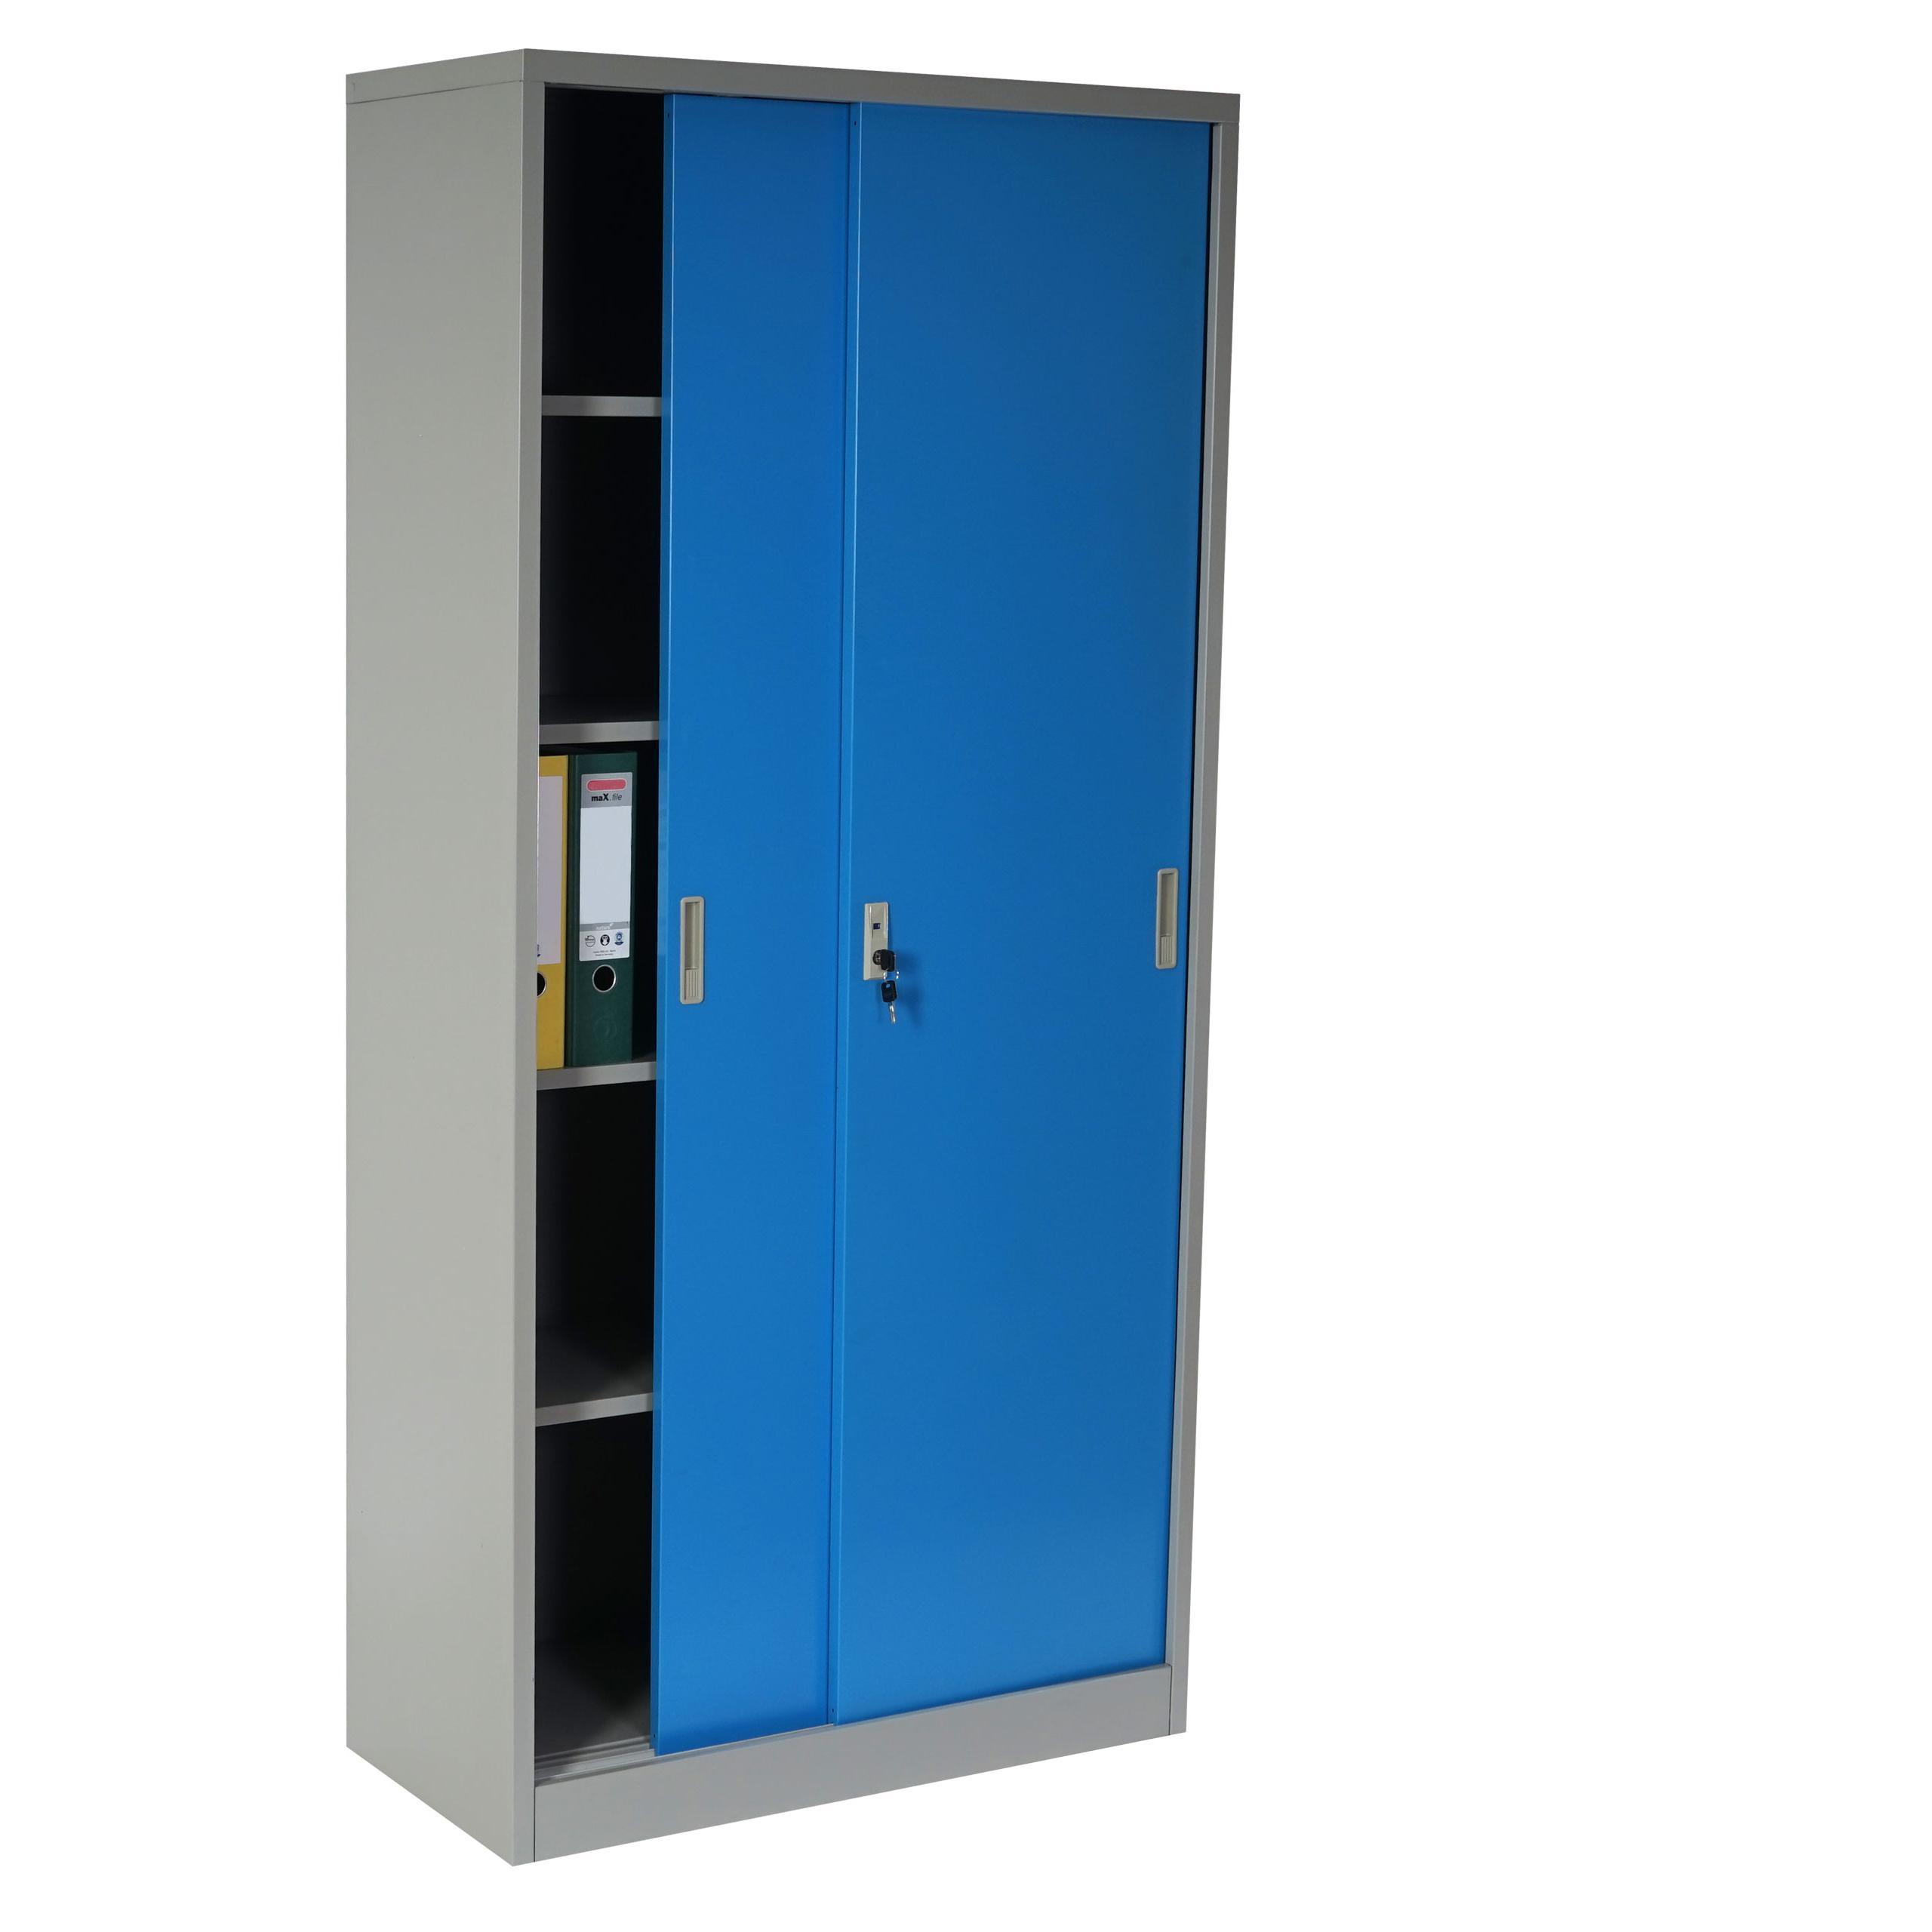 Artesanato Kit Para Banheiro ~ Armario archivador metálico EDIT de 180x85x40 2 puertas correderas, gran capacidad de